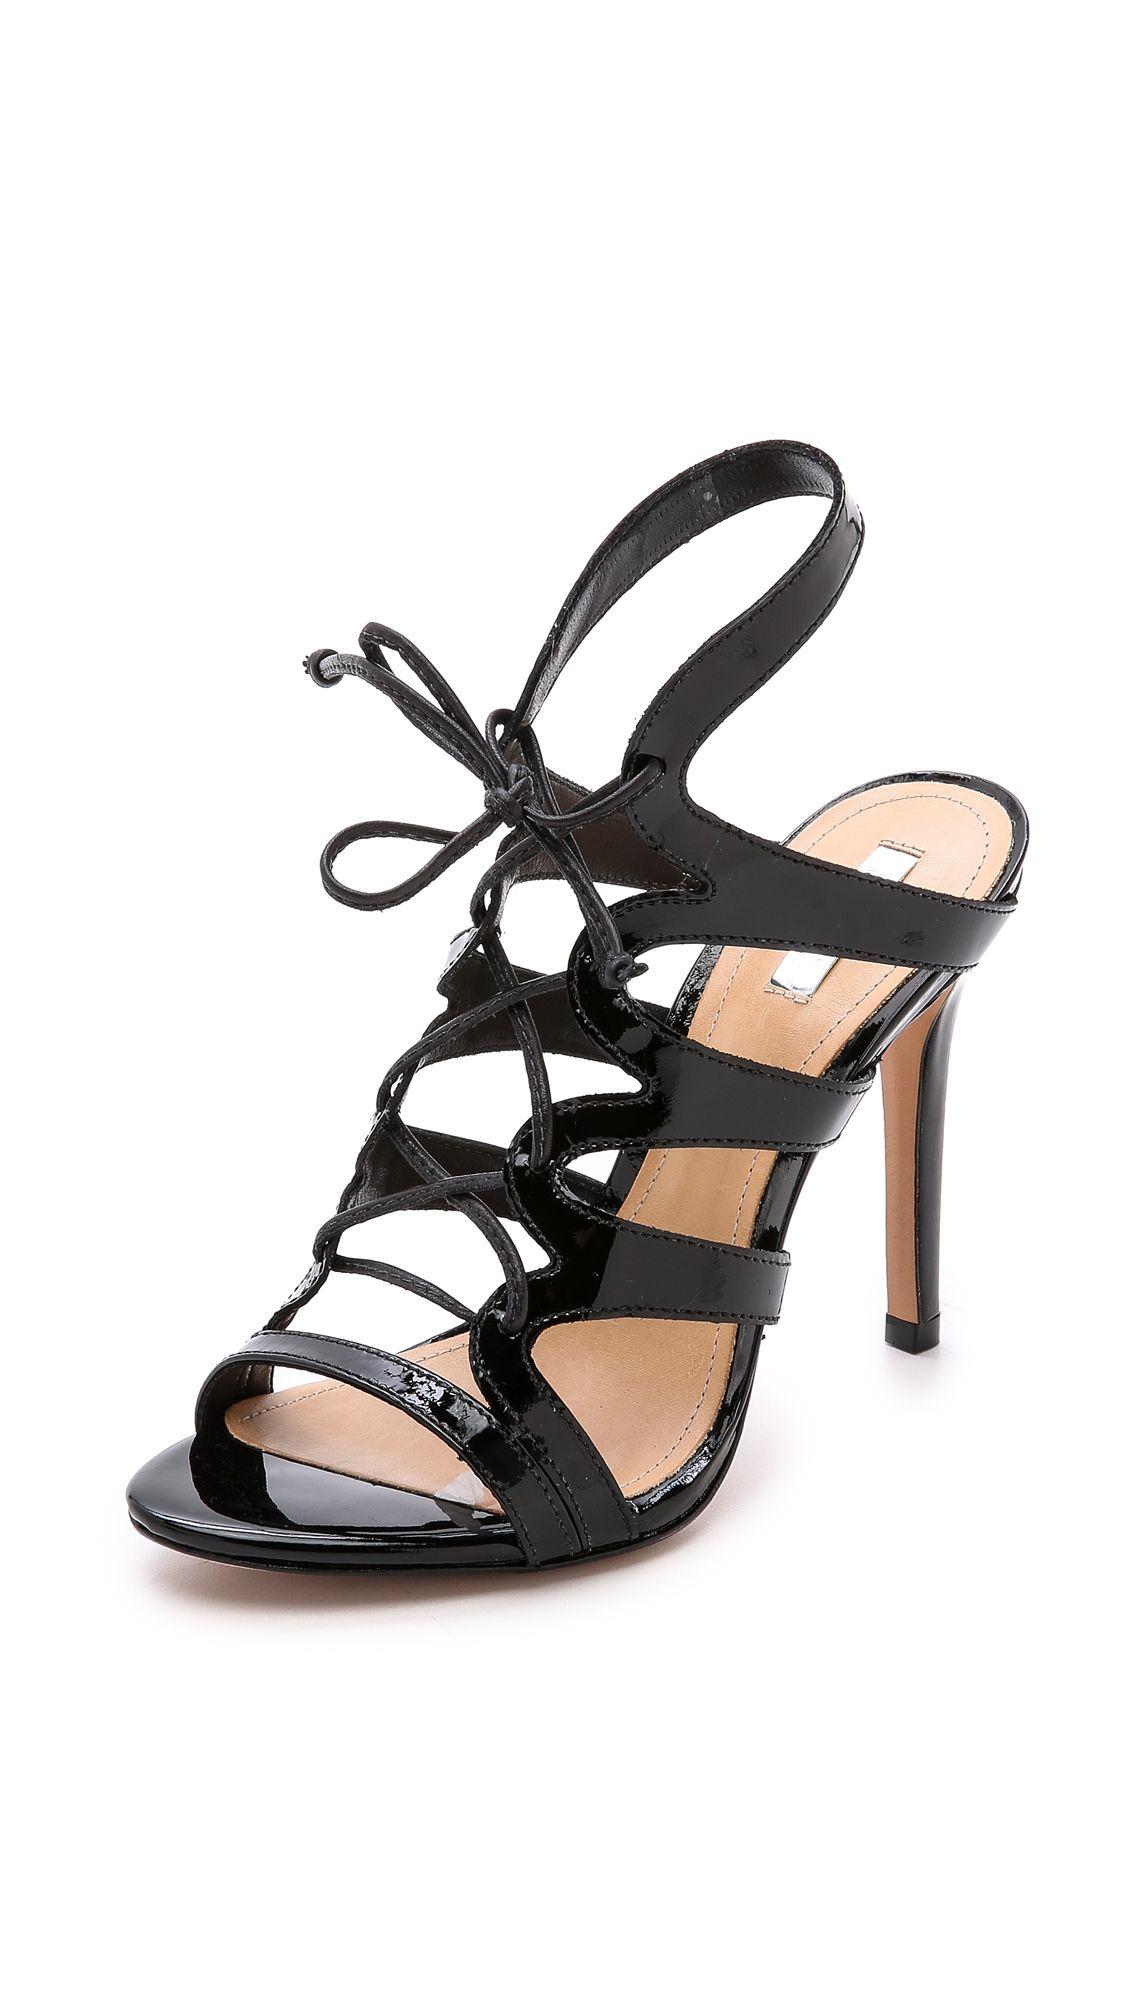 c1f40c7219d7 Schutz Dubiana Lace Up Sandals